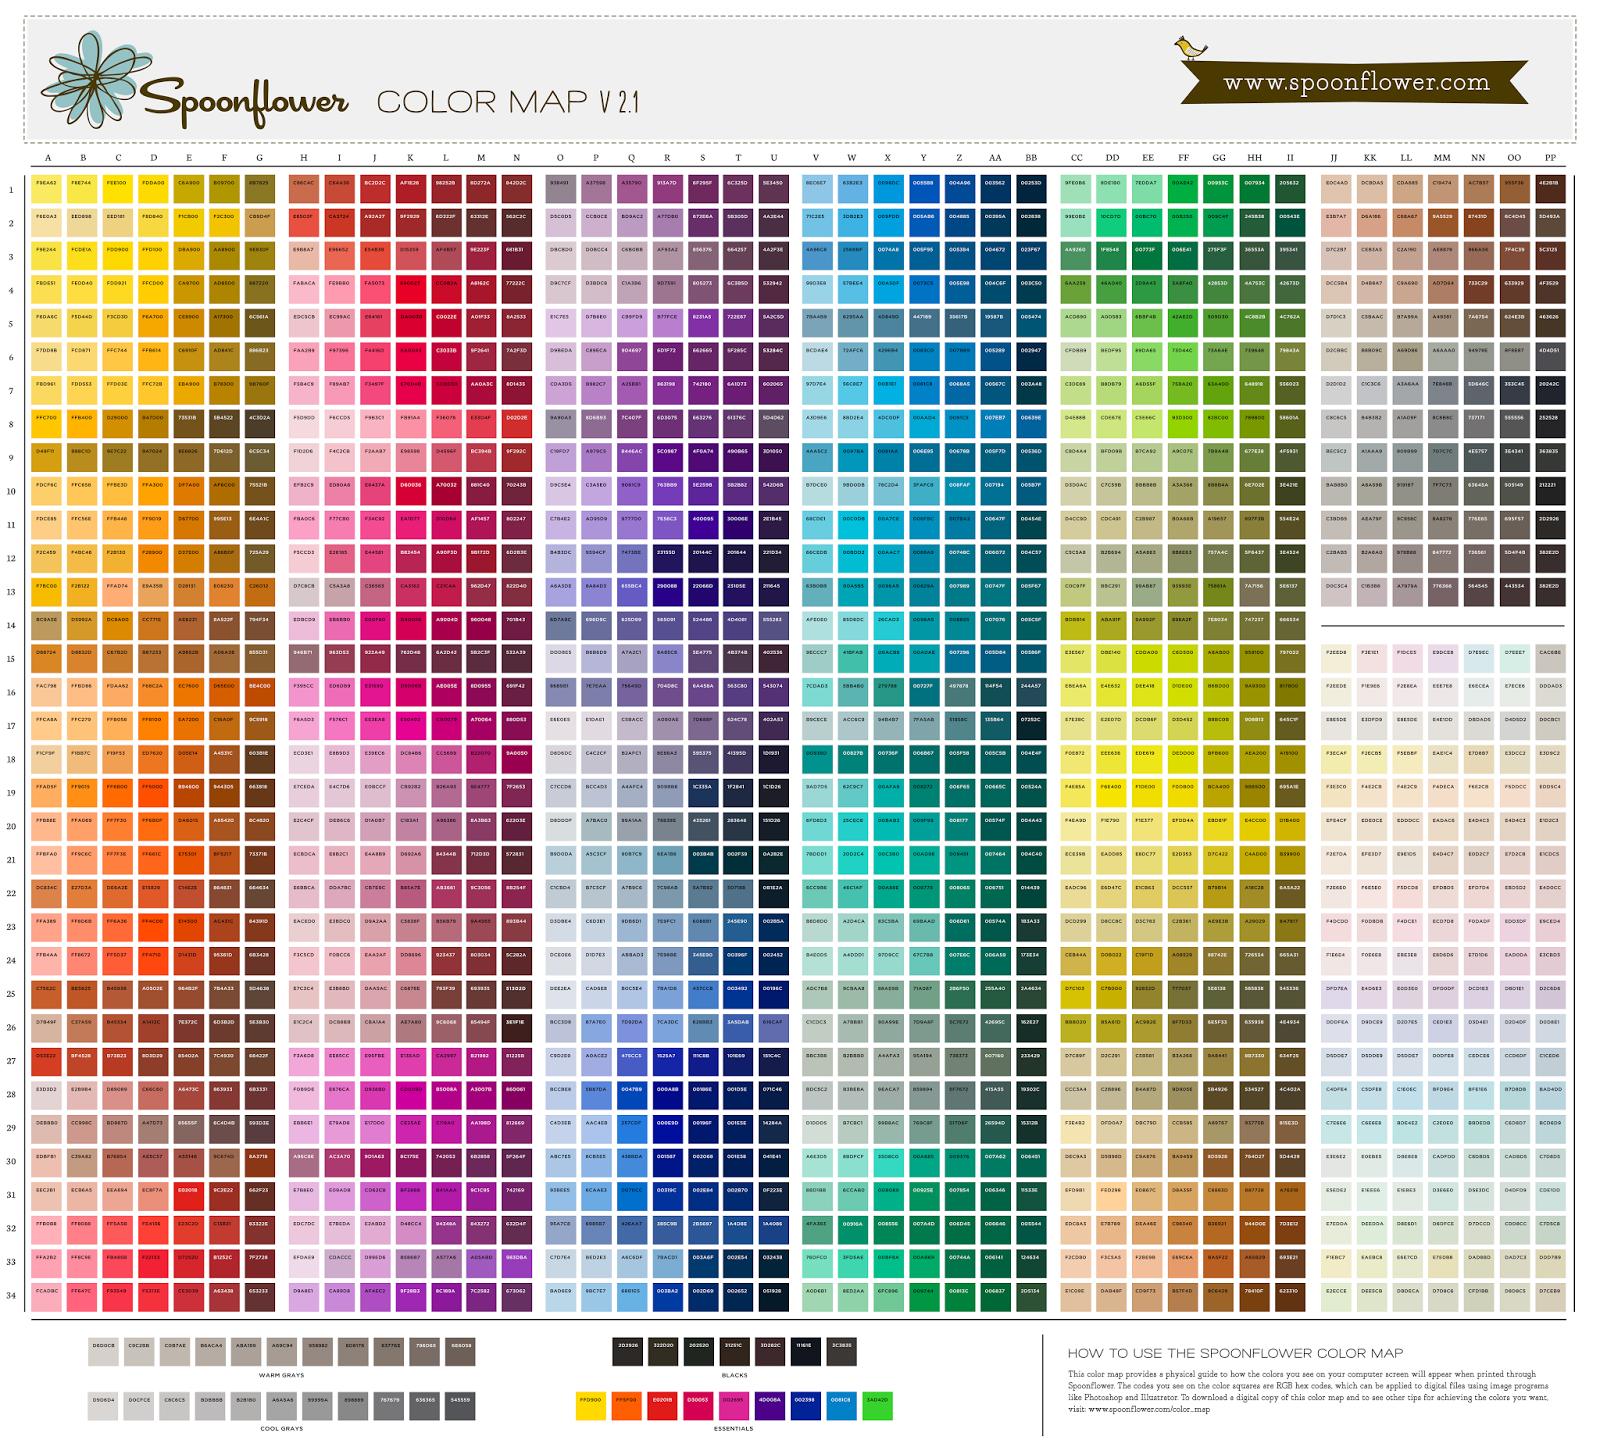 5 Aplikasi Untuk Membuat Skema Warna Yang Dapat Kamu Coba Ids International Design School